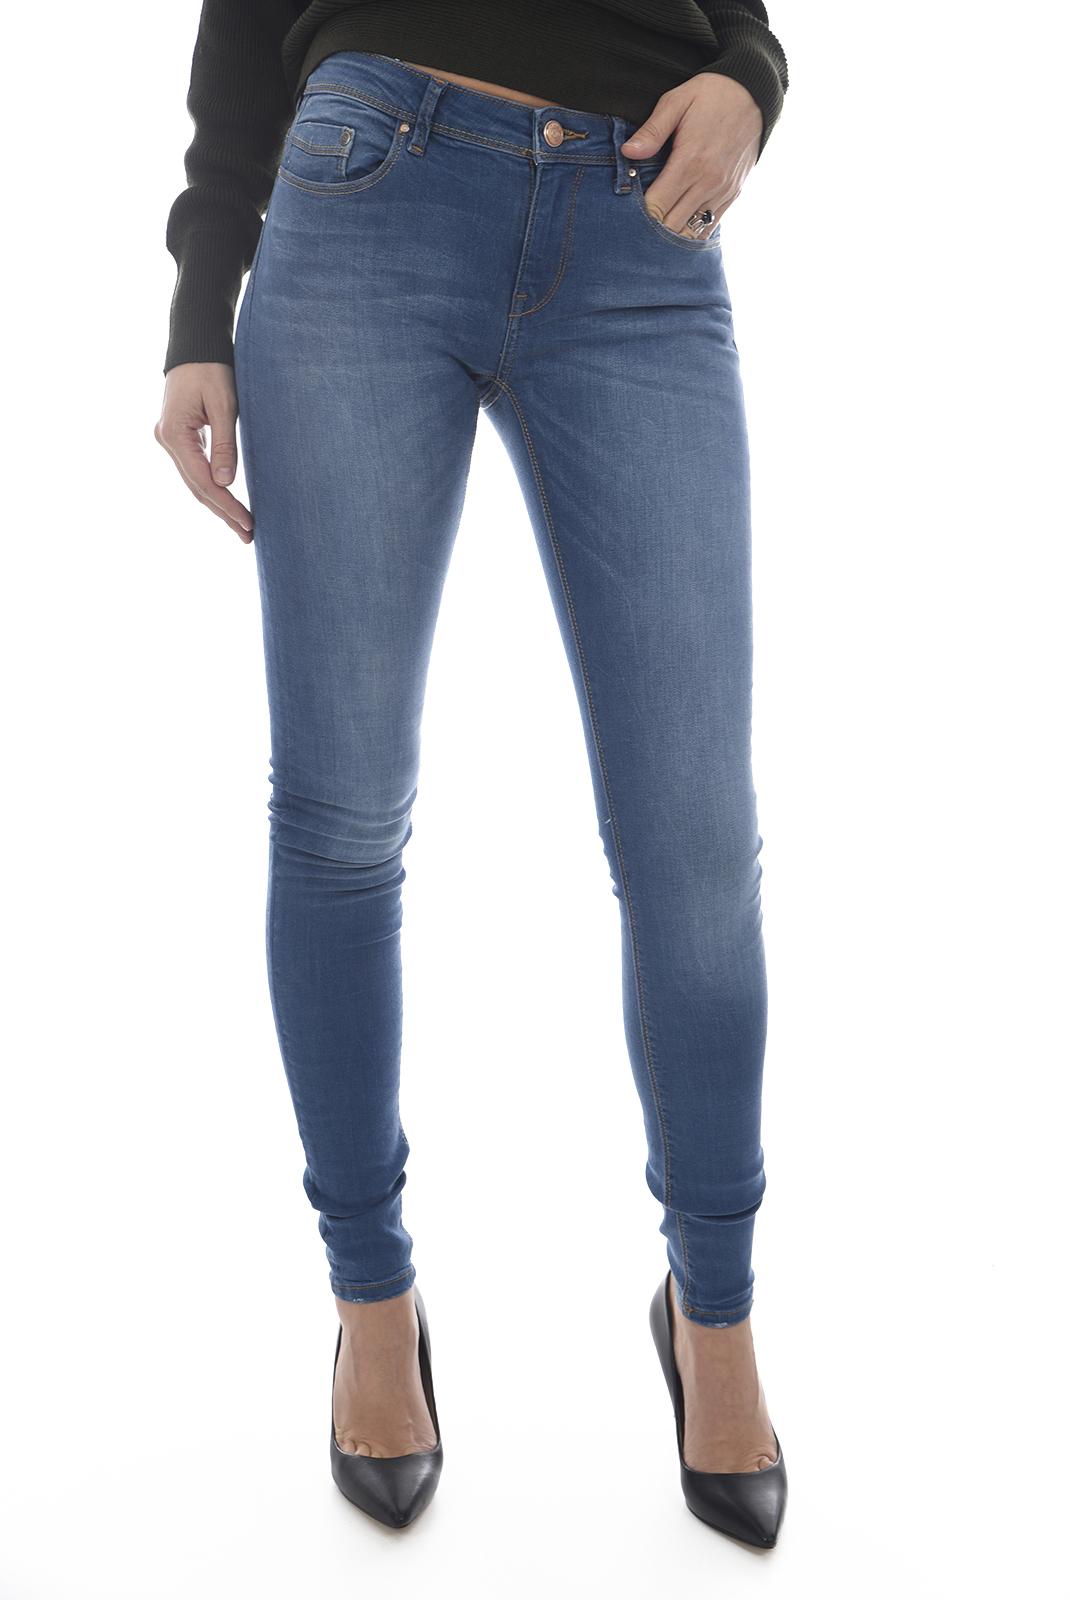 Jeans   Only CARMEN REG SK DNM 1743G MED BLUE